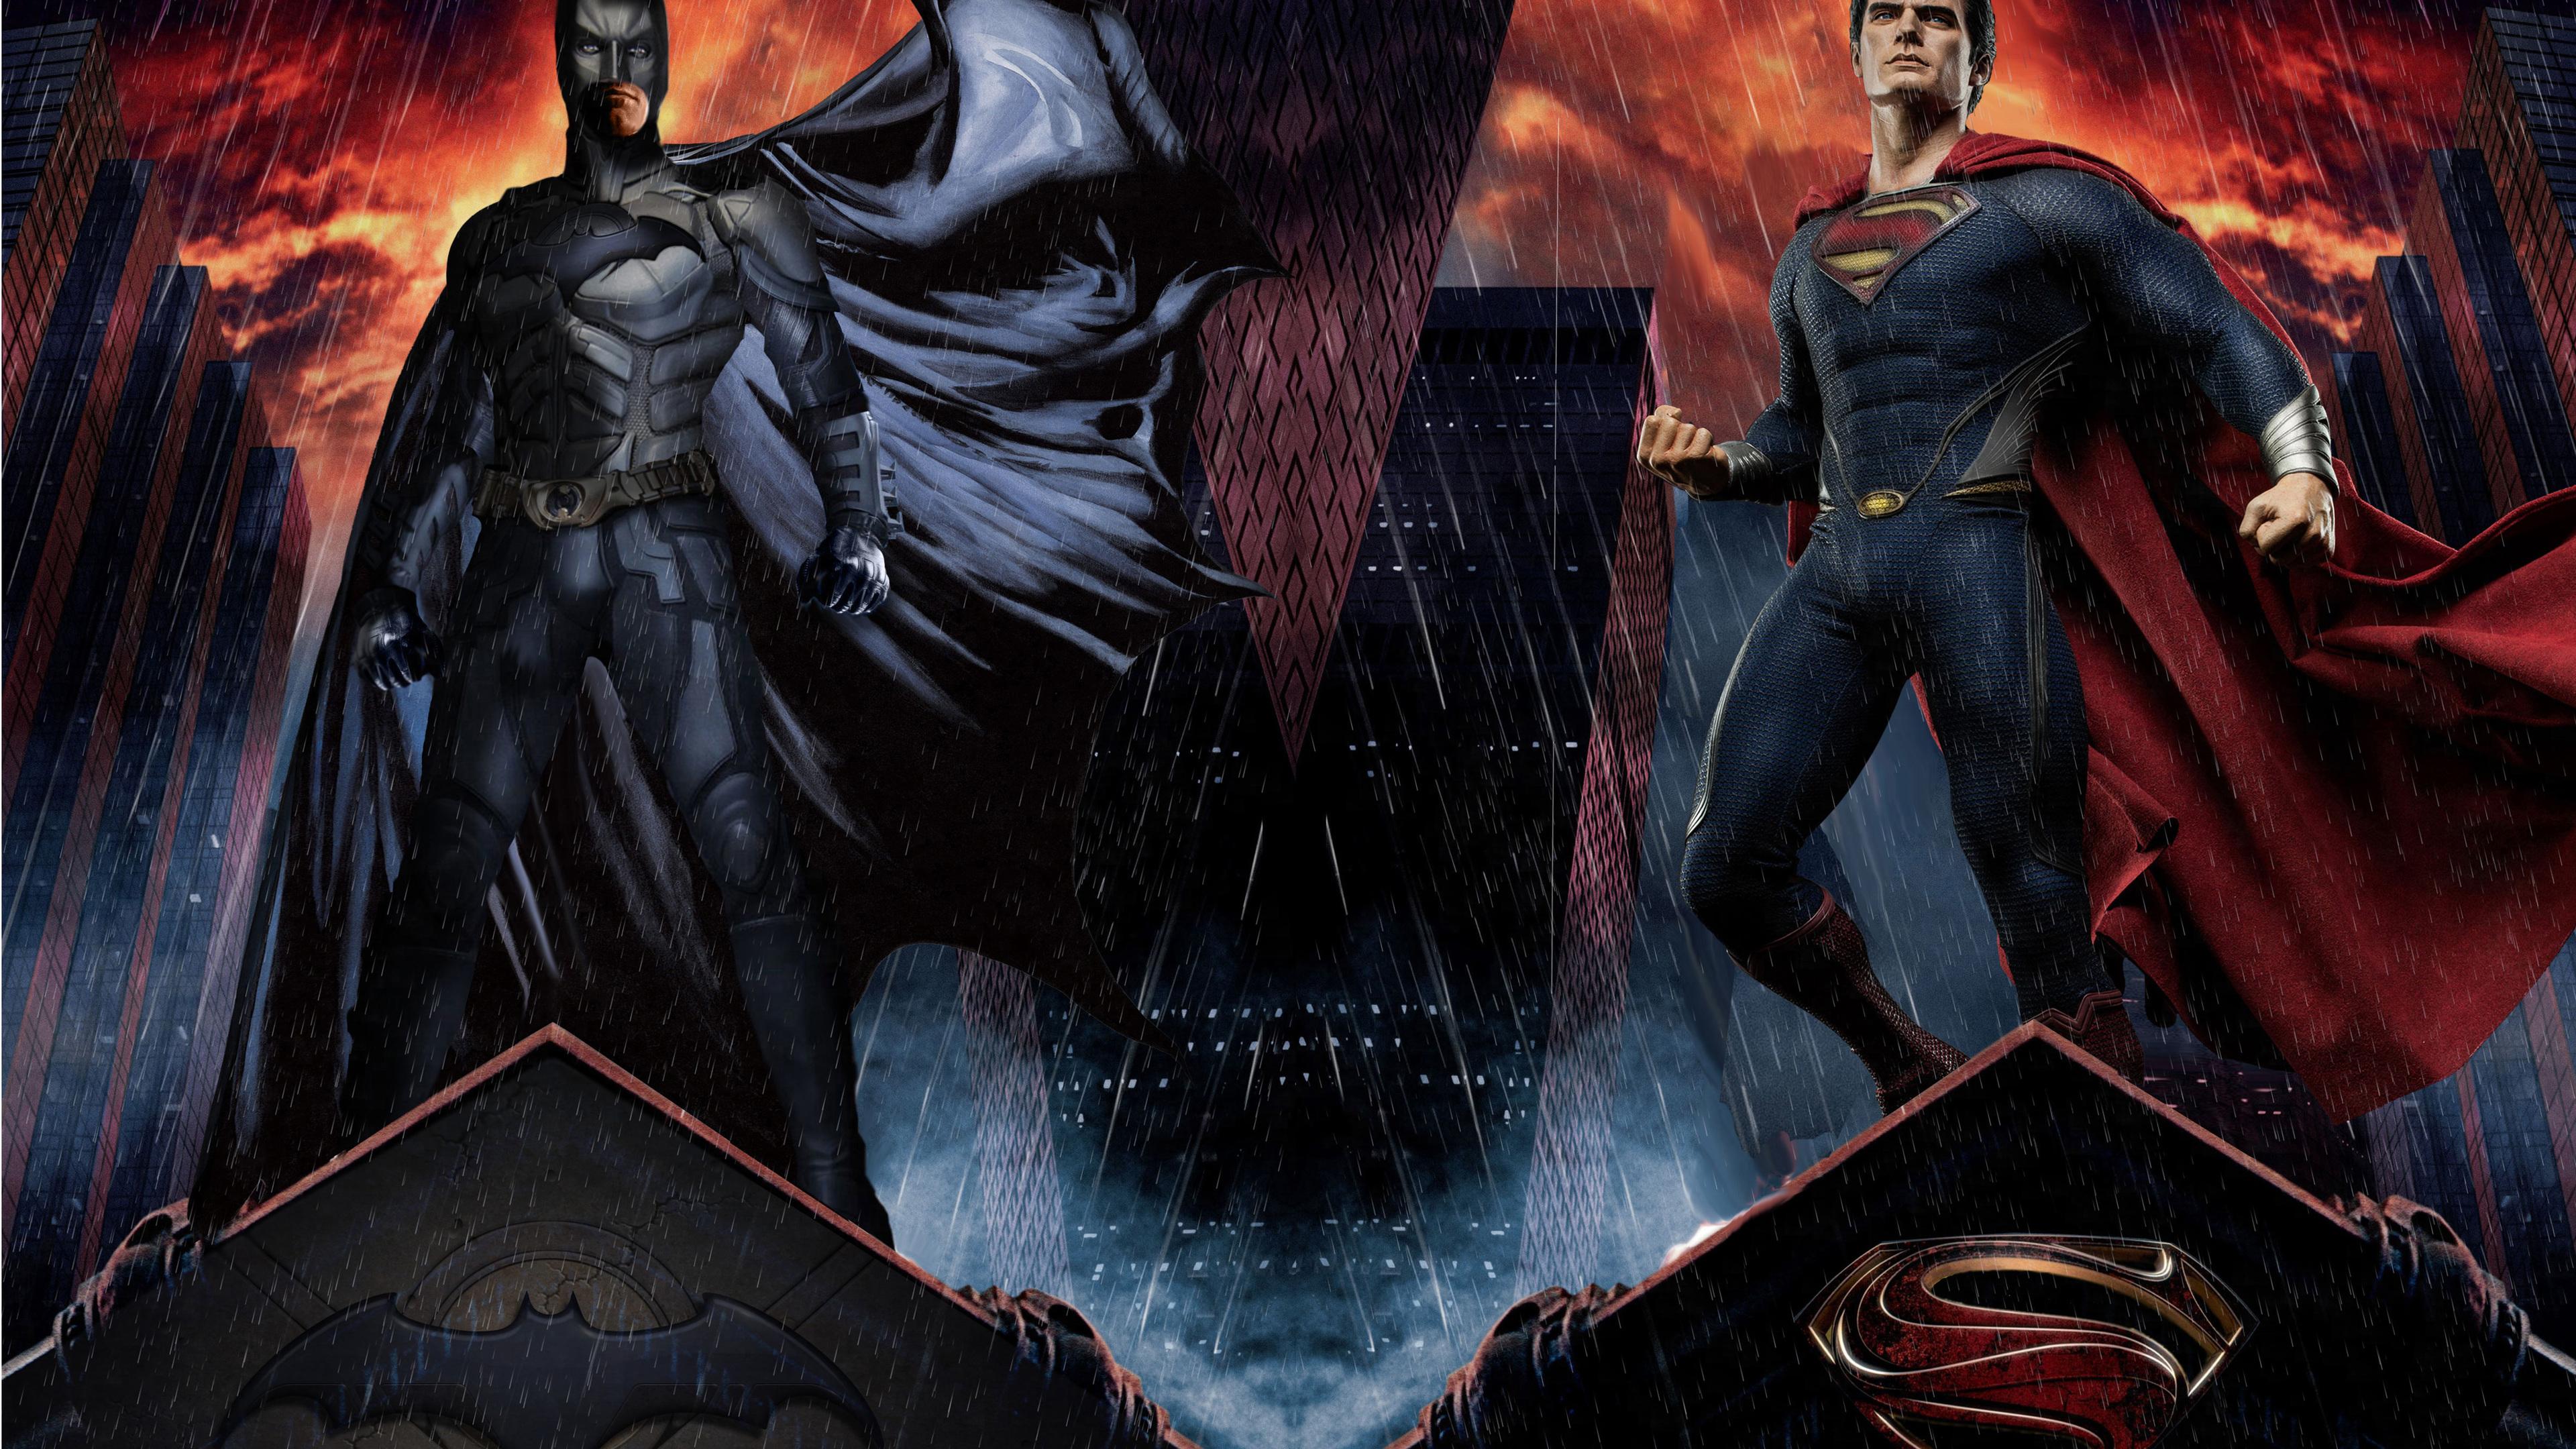 batman and man of steel 1539978596 - Batman And Man Of Steel - superman wallpapers, superheroes wallpapers, hd-wallpapers, digital art wallpapers, batman wallpapers, artwork wallpapers, 4k-wallpapers